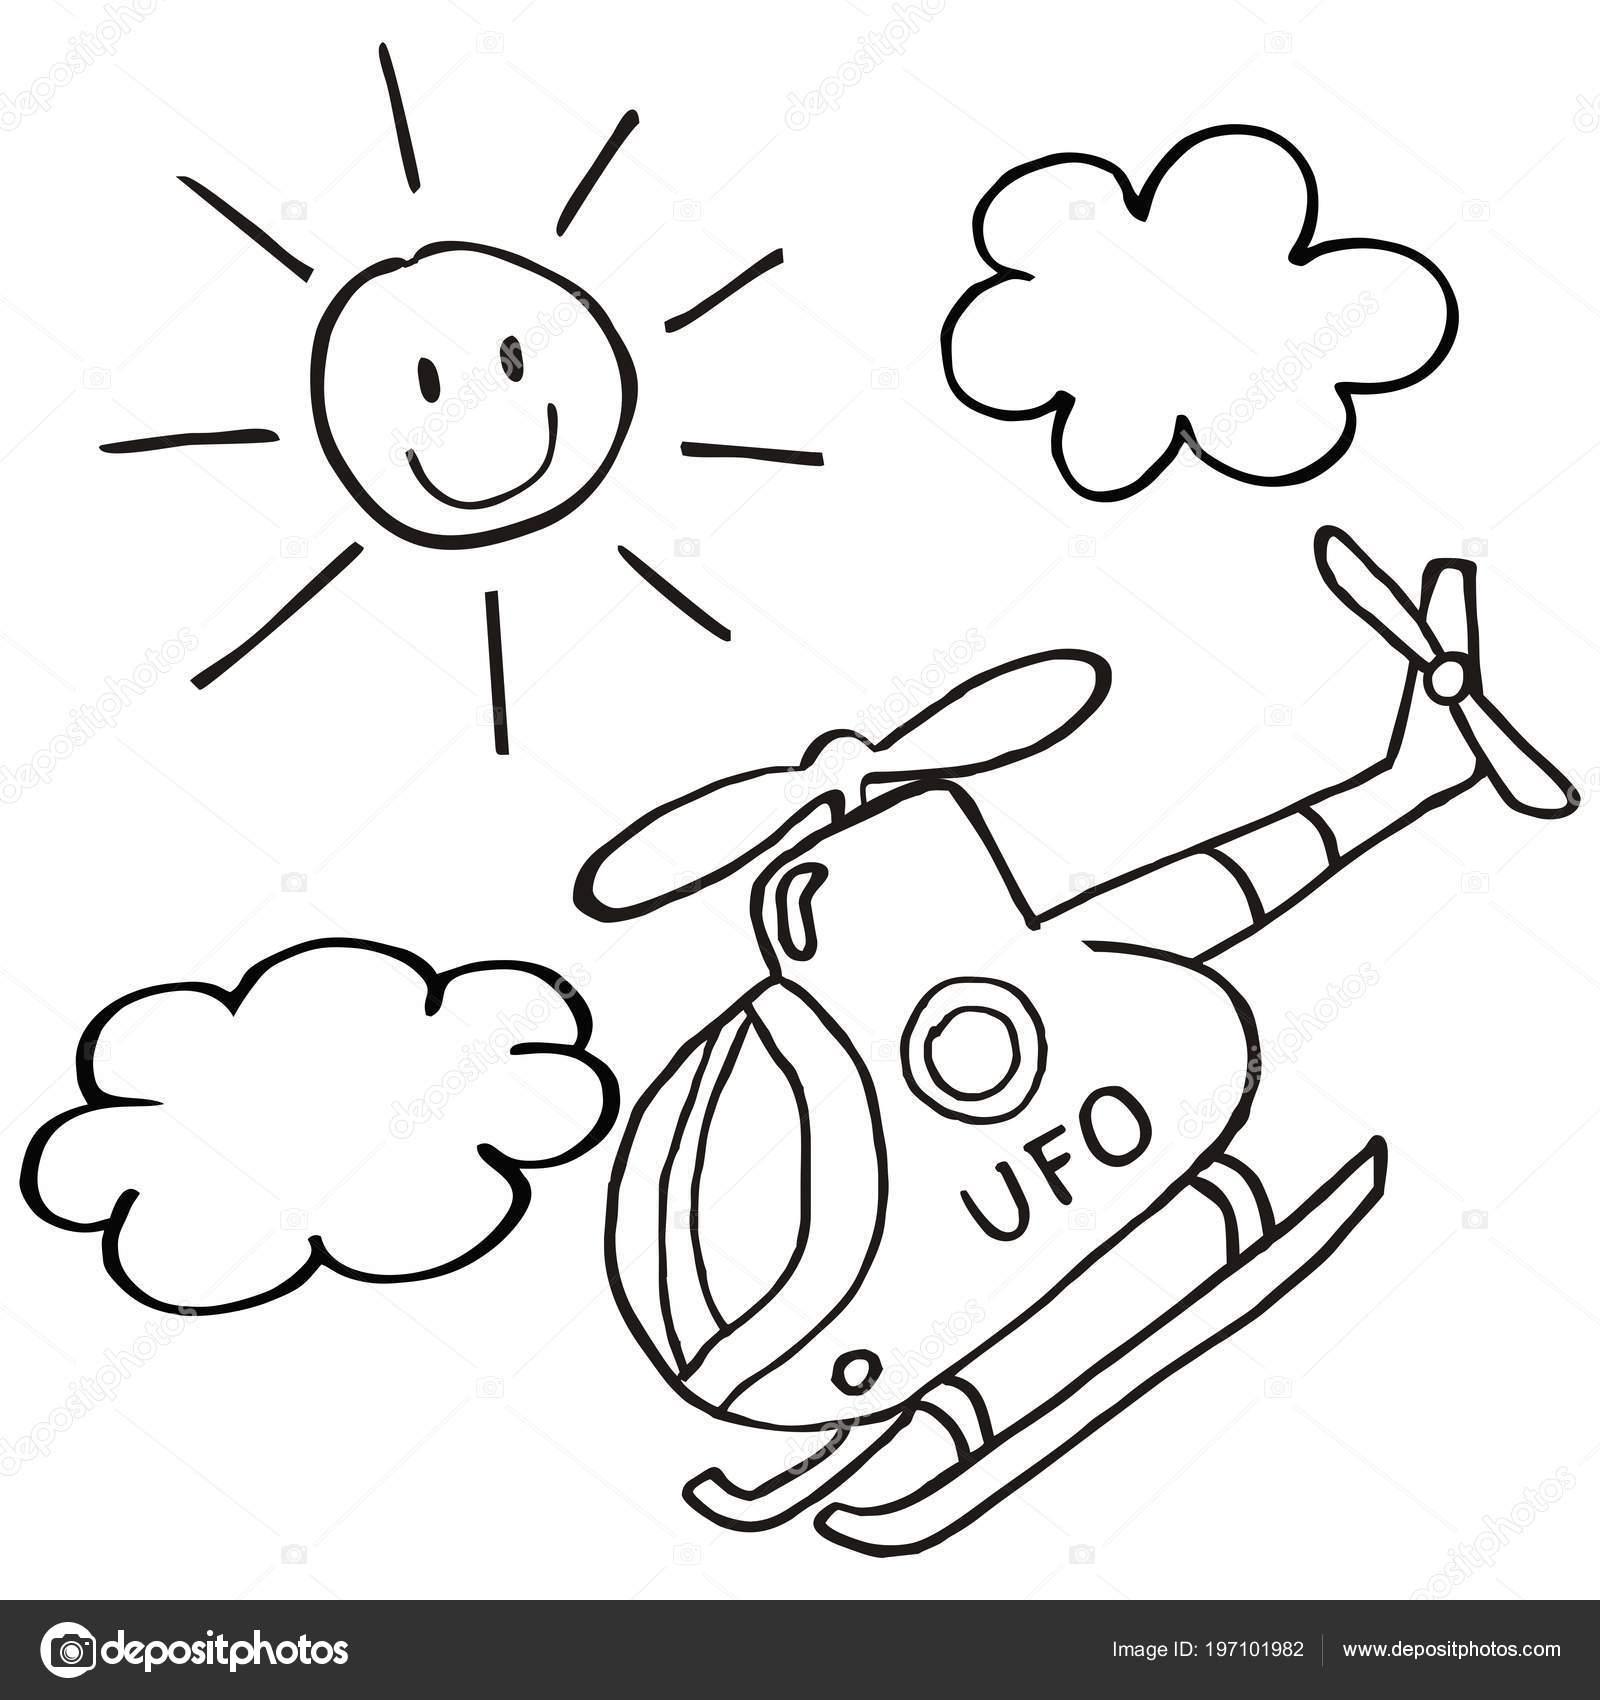 Hubschrauber Und Sonne Vektor Icon Malvorlagen Für Kinder ...